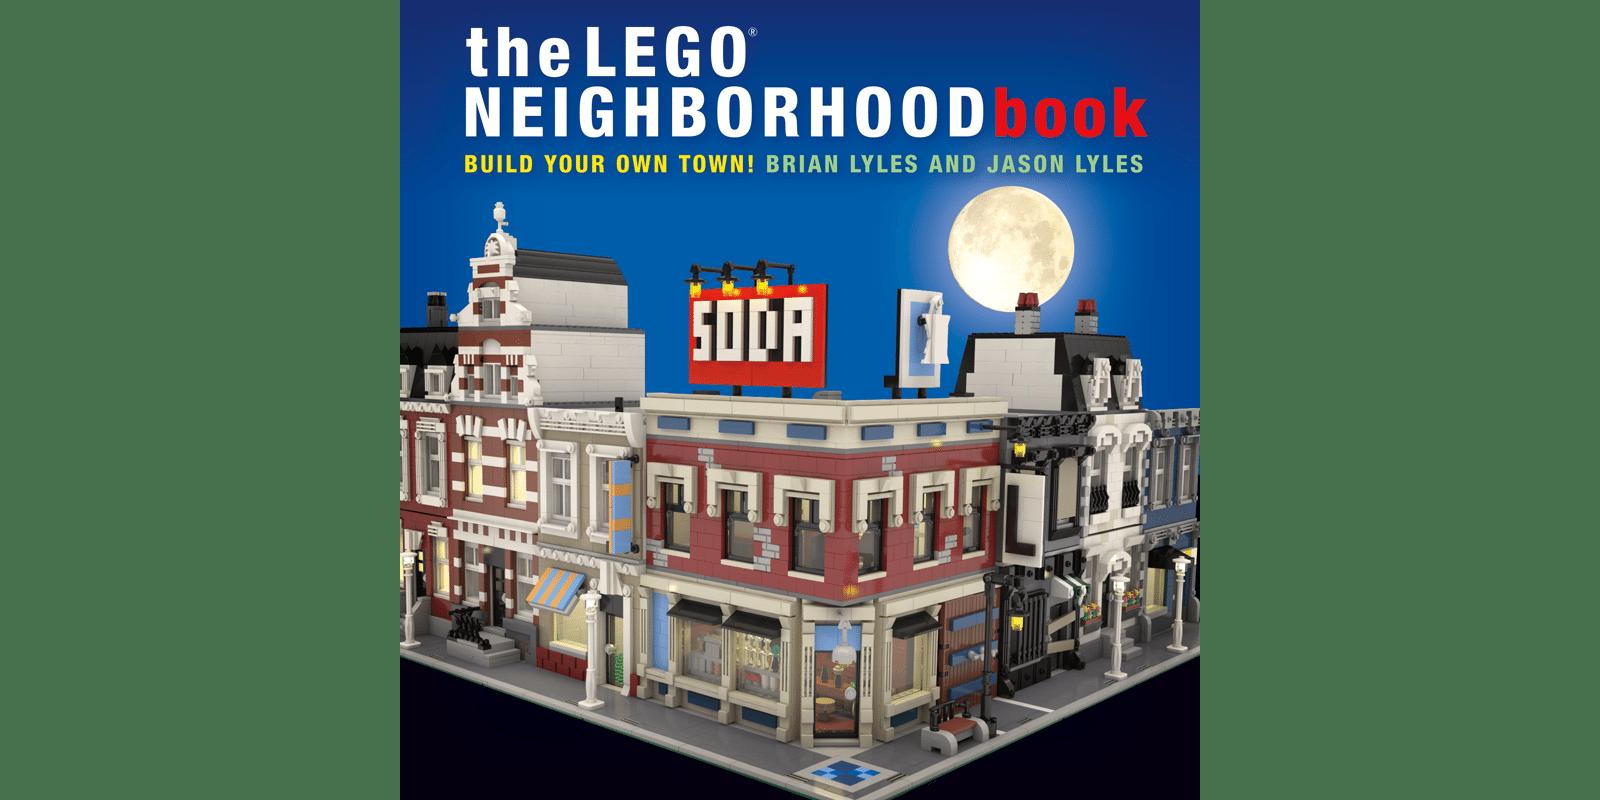 Build Your Own Lego Neighborhood!